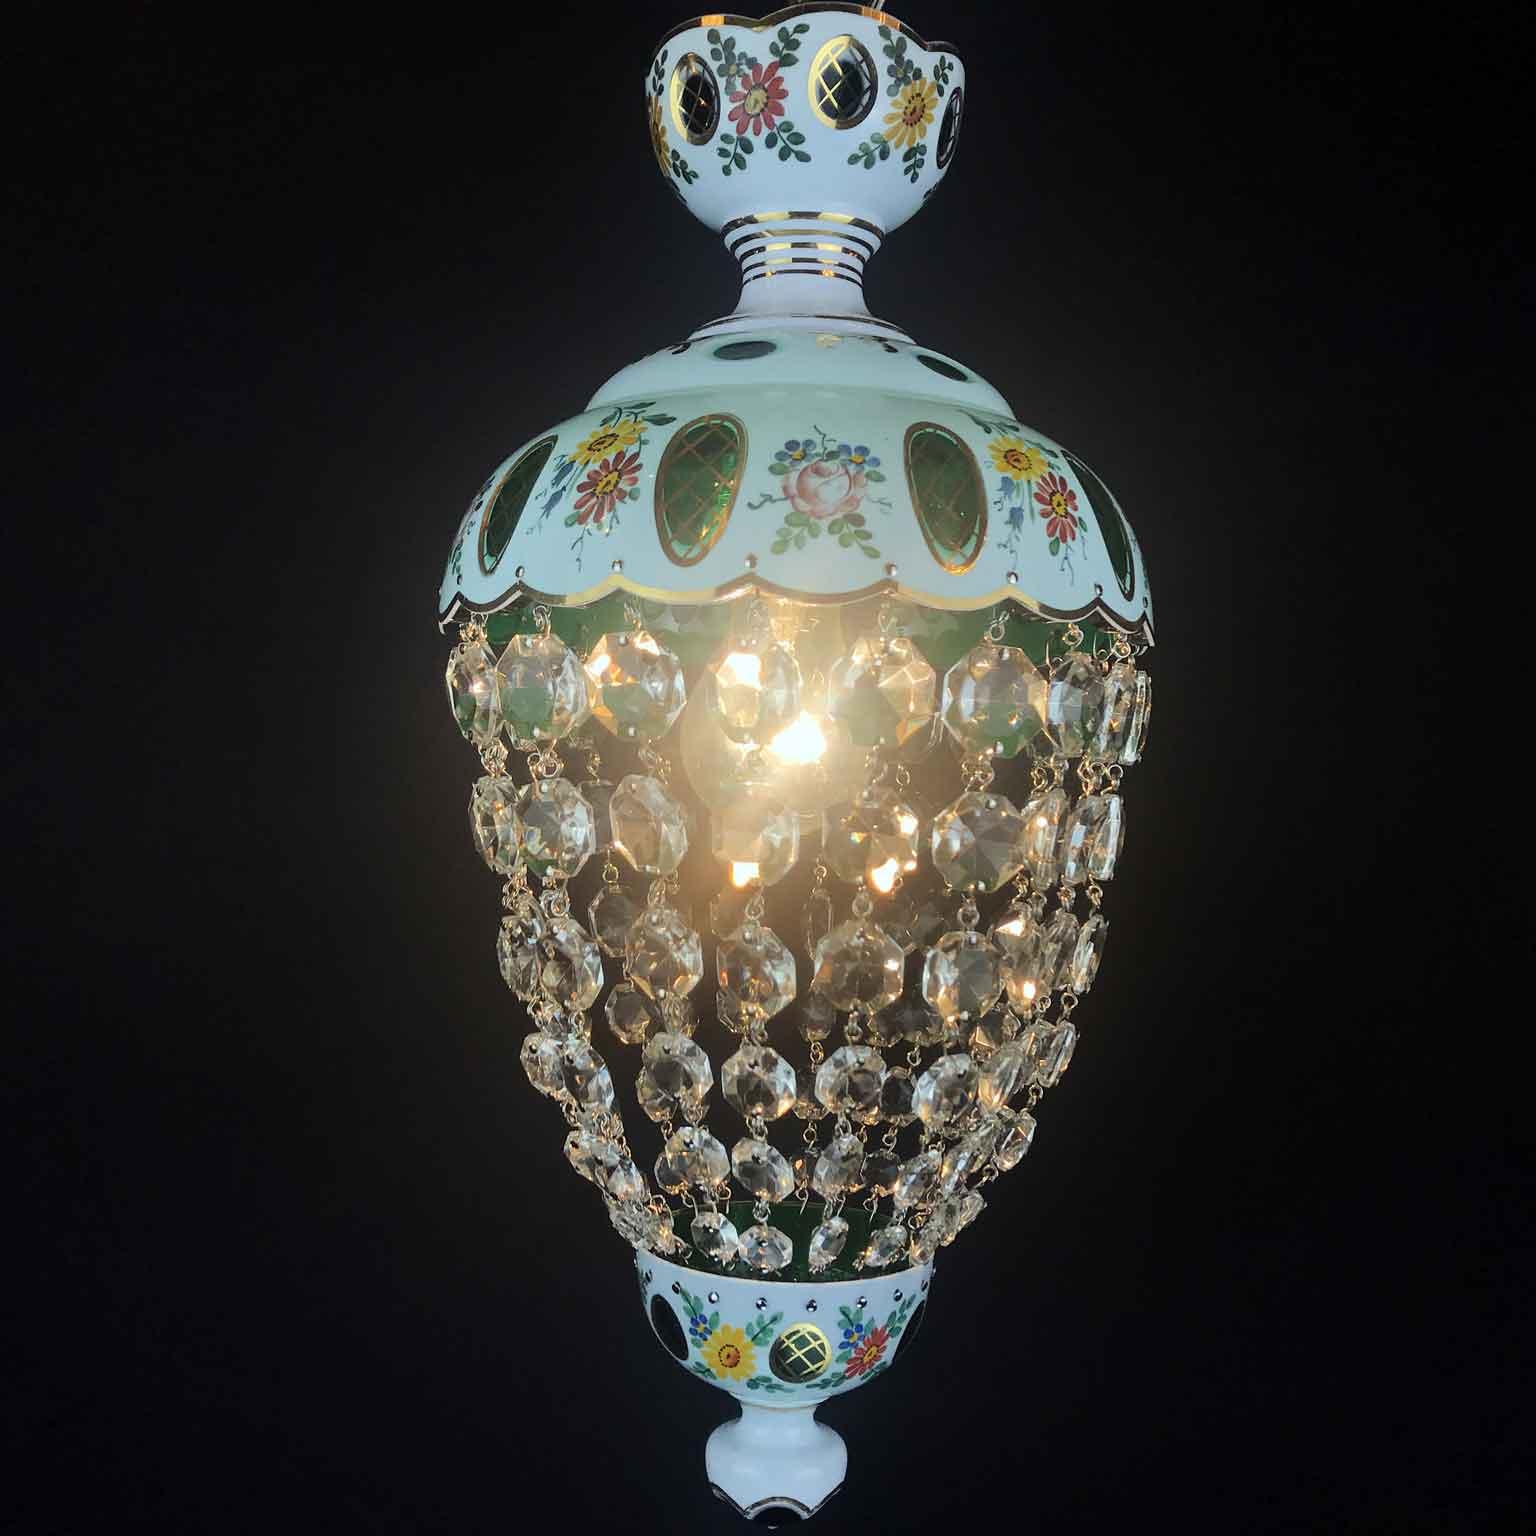 Lampadario da ingresso in Vetro Decorato e Cristallo del 1950 circa